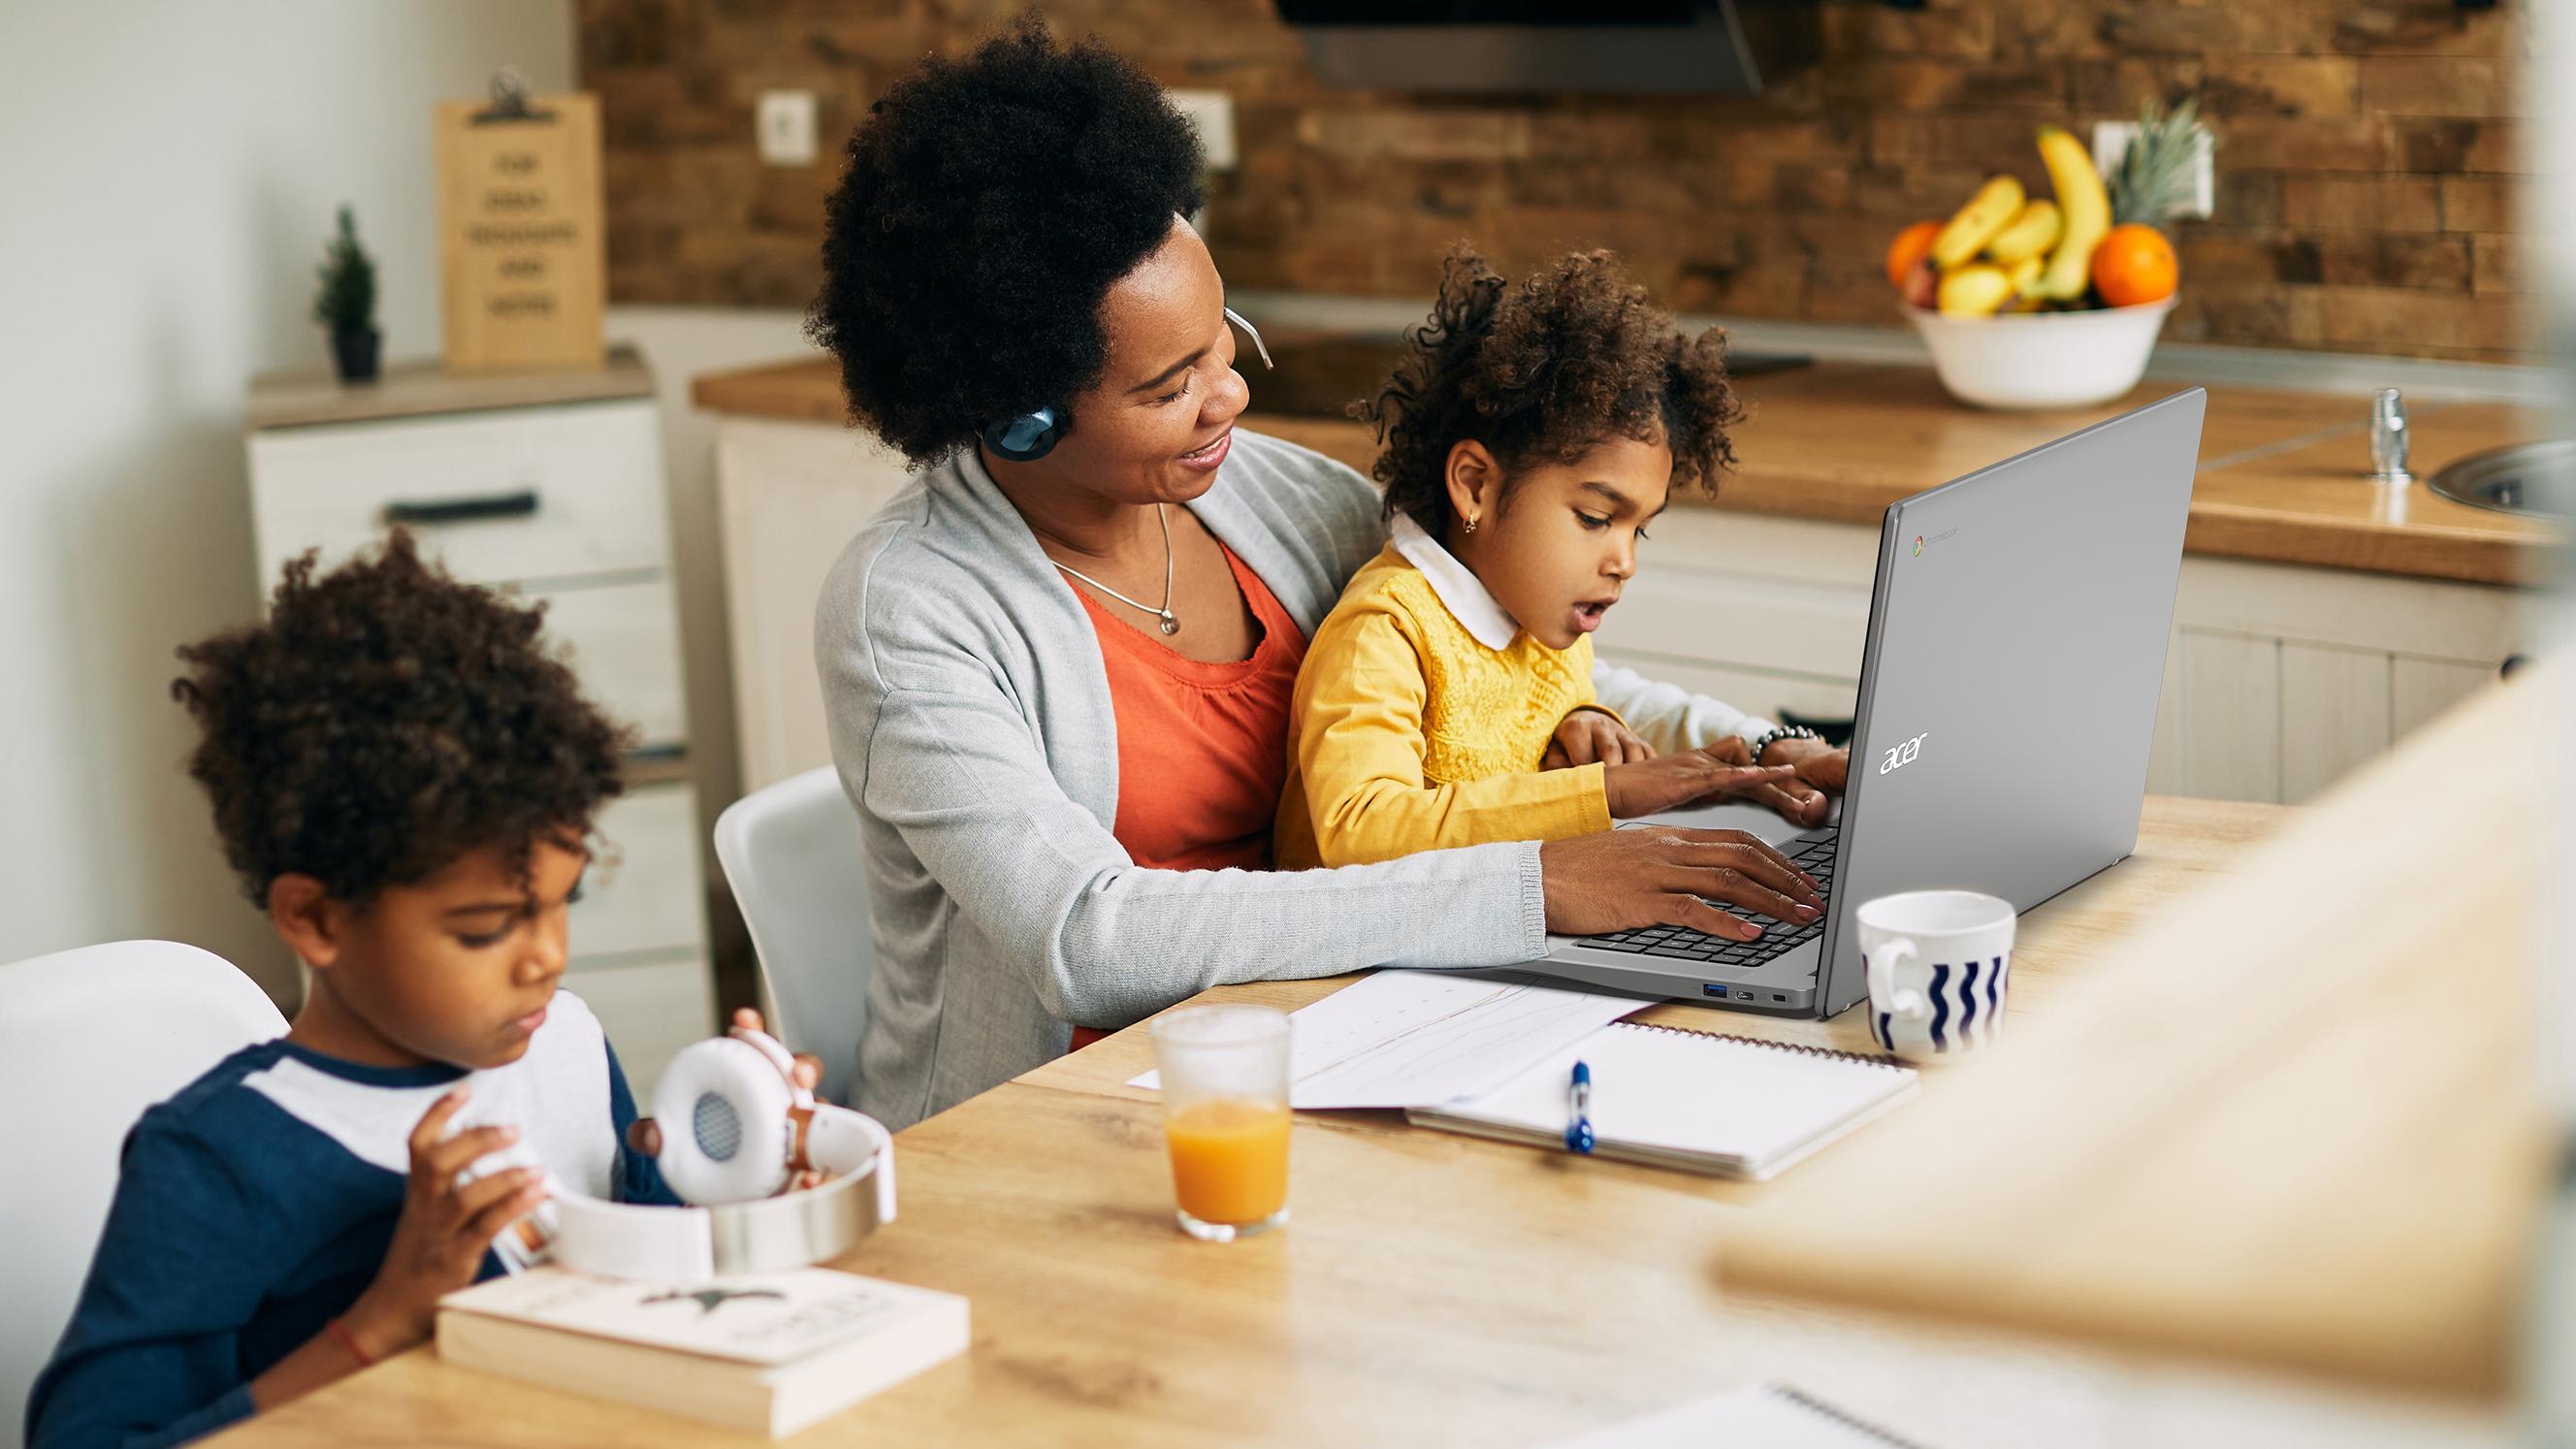 Family using Acer Chromebook